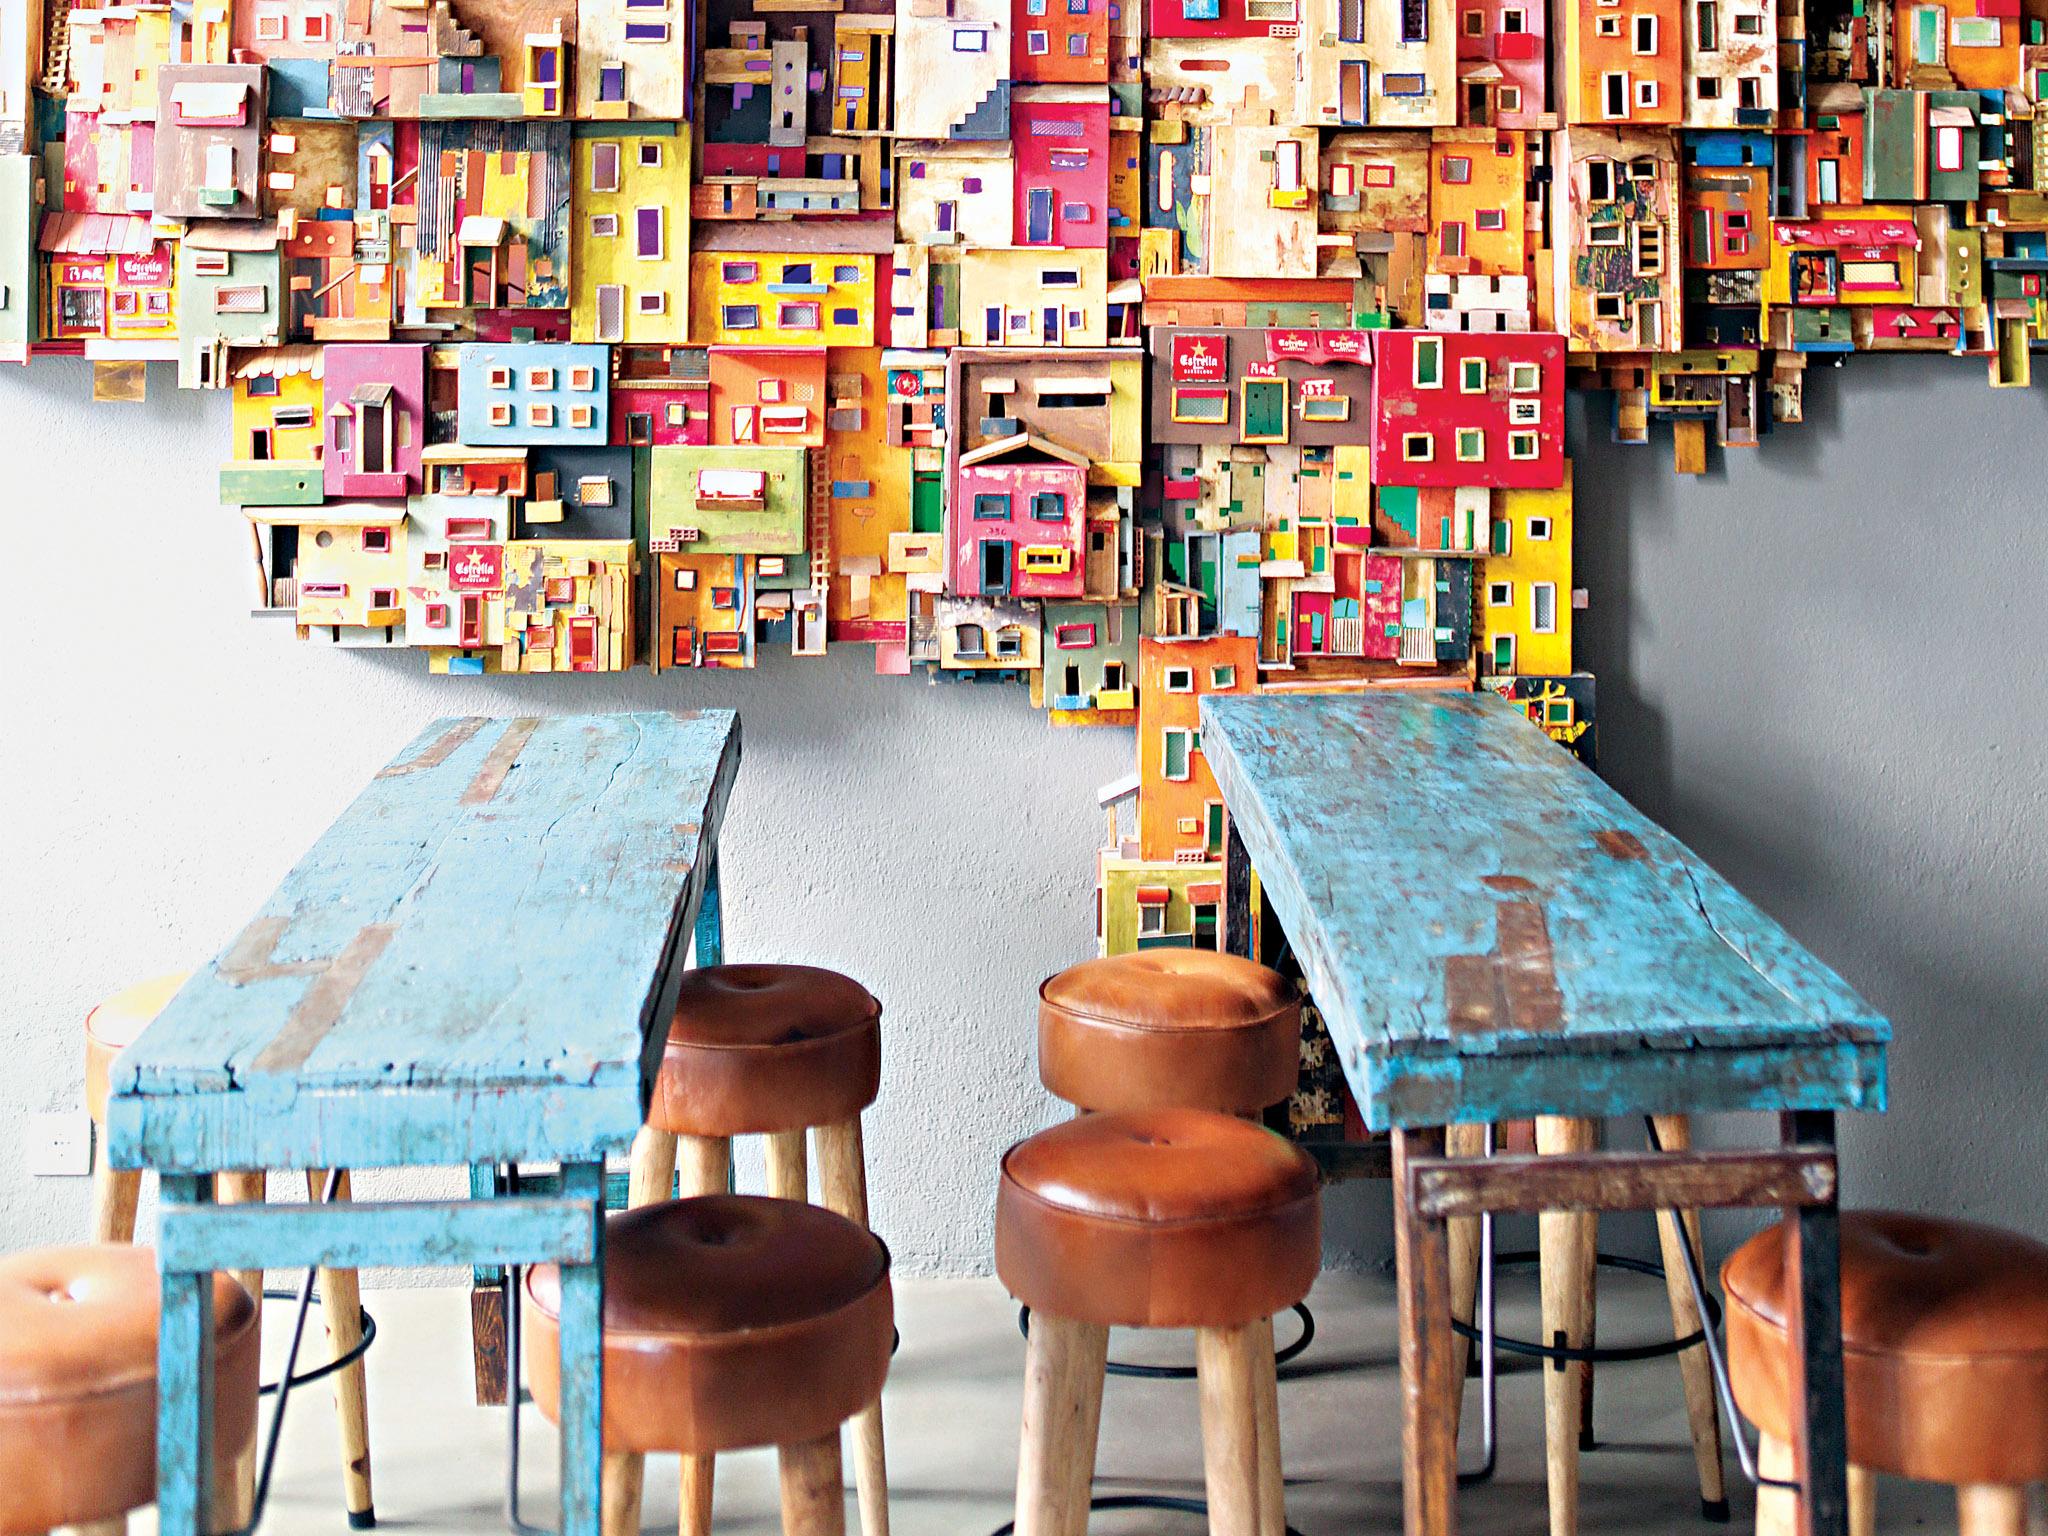 Restaurante El Clandestino